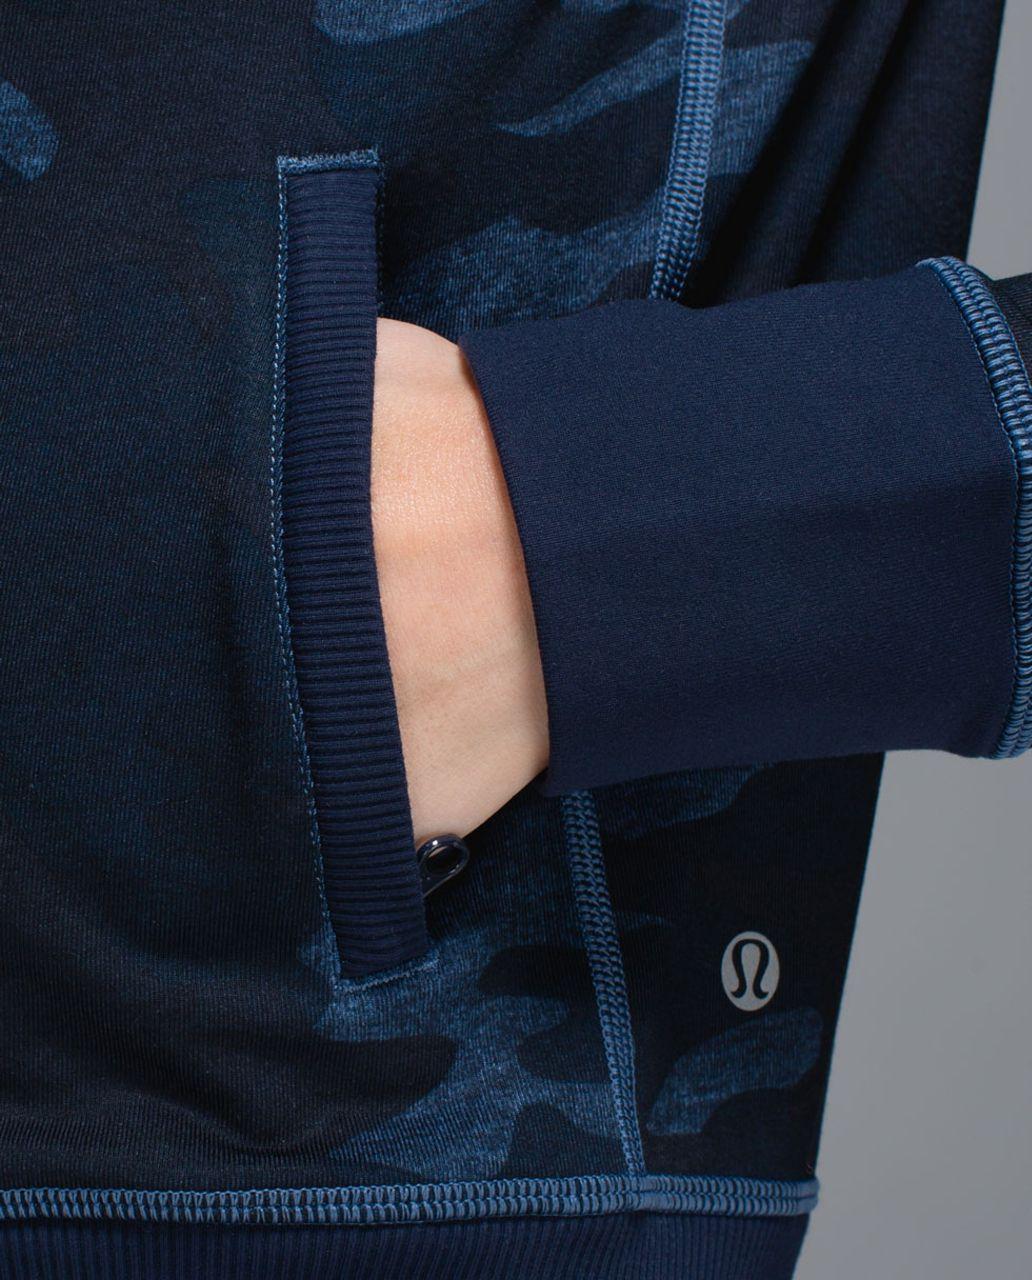 Lululemon Namaskar Hoodie - Heathered Texture Lotus Camo Oil Slick Blue / Inkwell